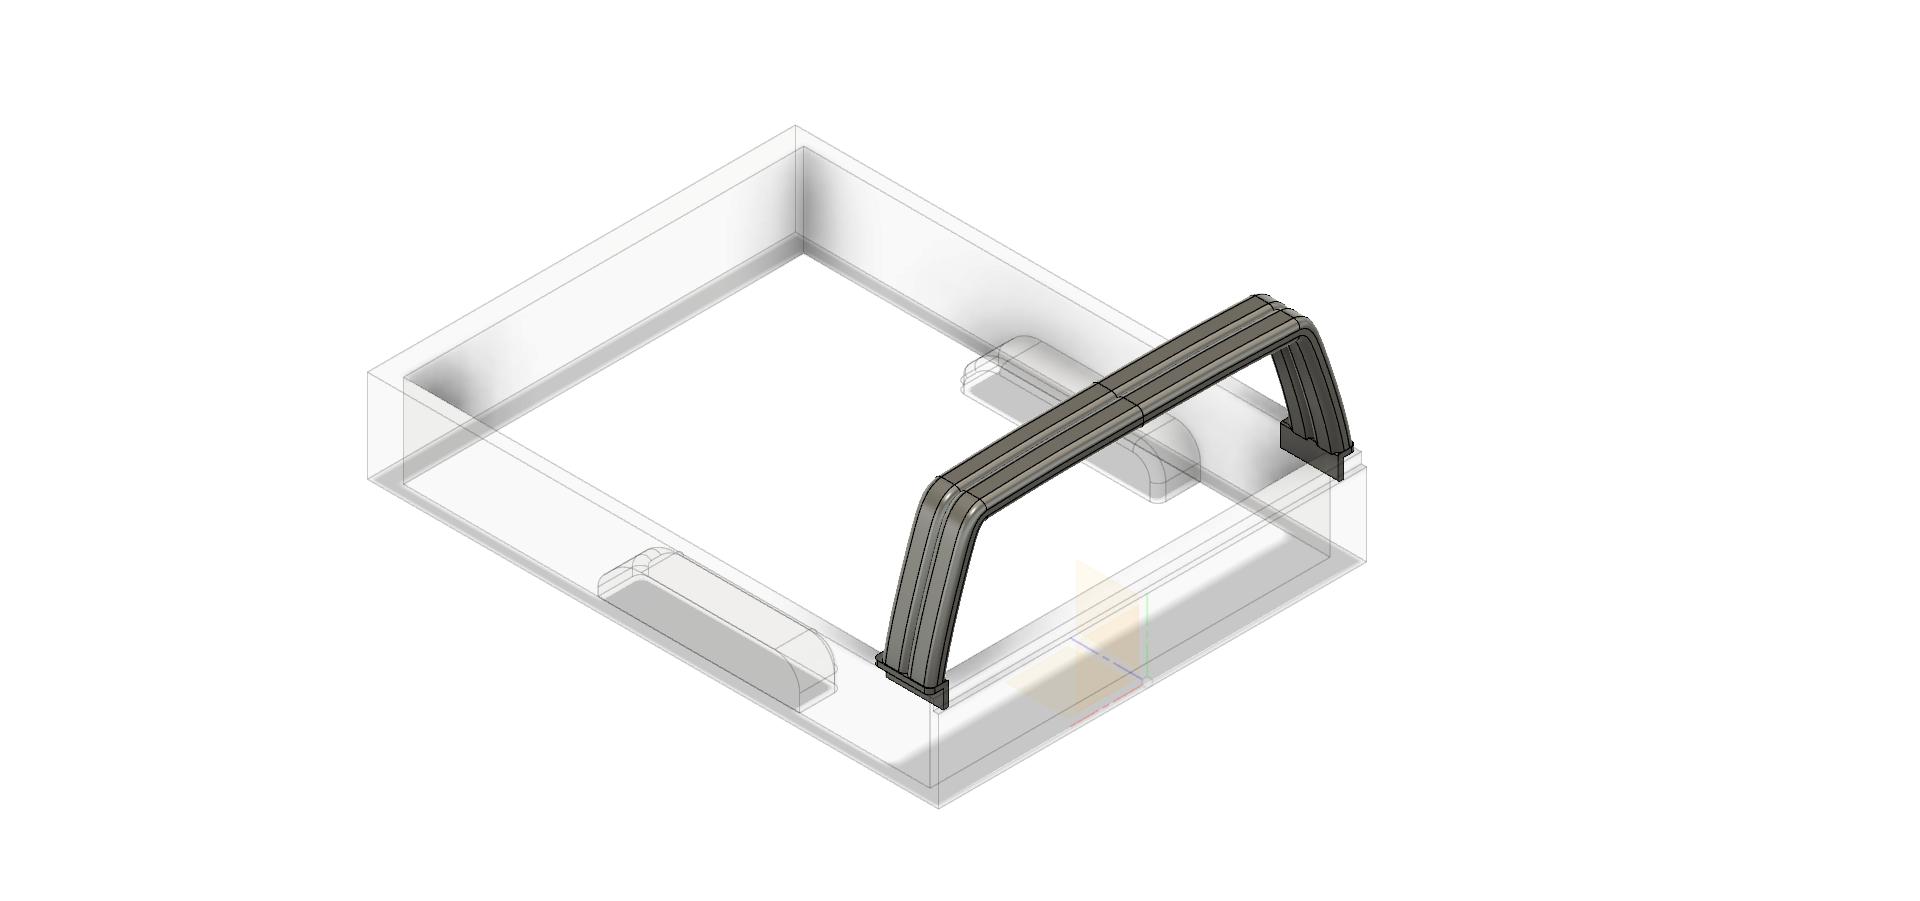 Rool bar V1-1 thin 3.png Télécharger fichier STL gratuit TOYOTA HARD ROOL BAR SCX10 RC4WD K5 TRX4 • Design pour imprimante 3D, kiatkla